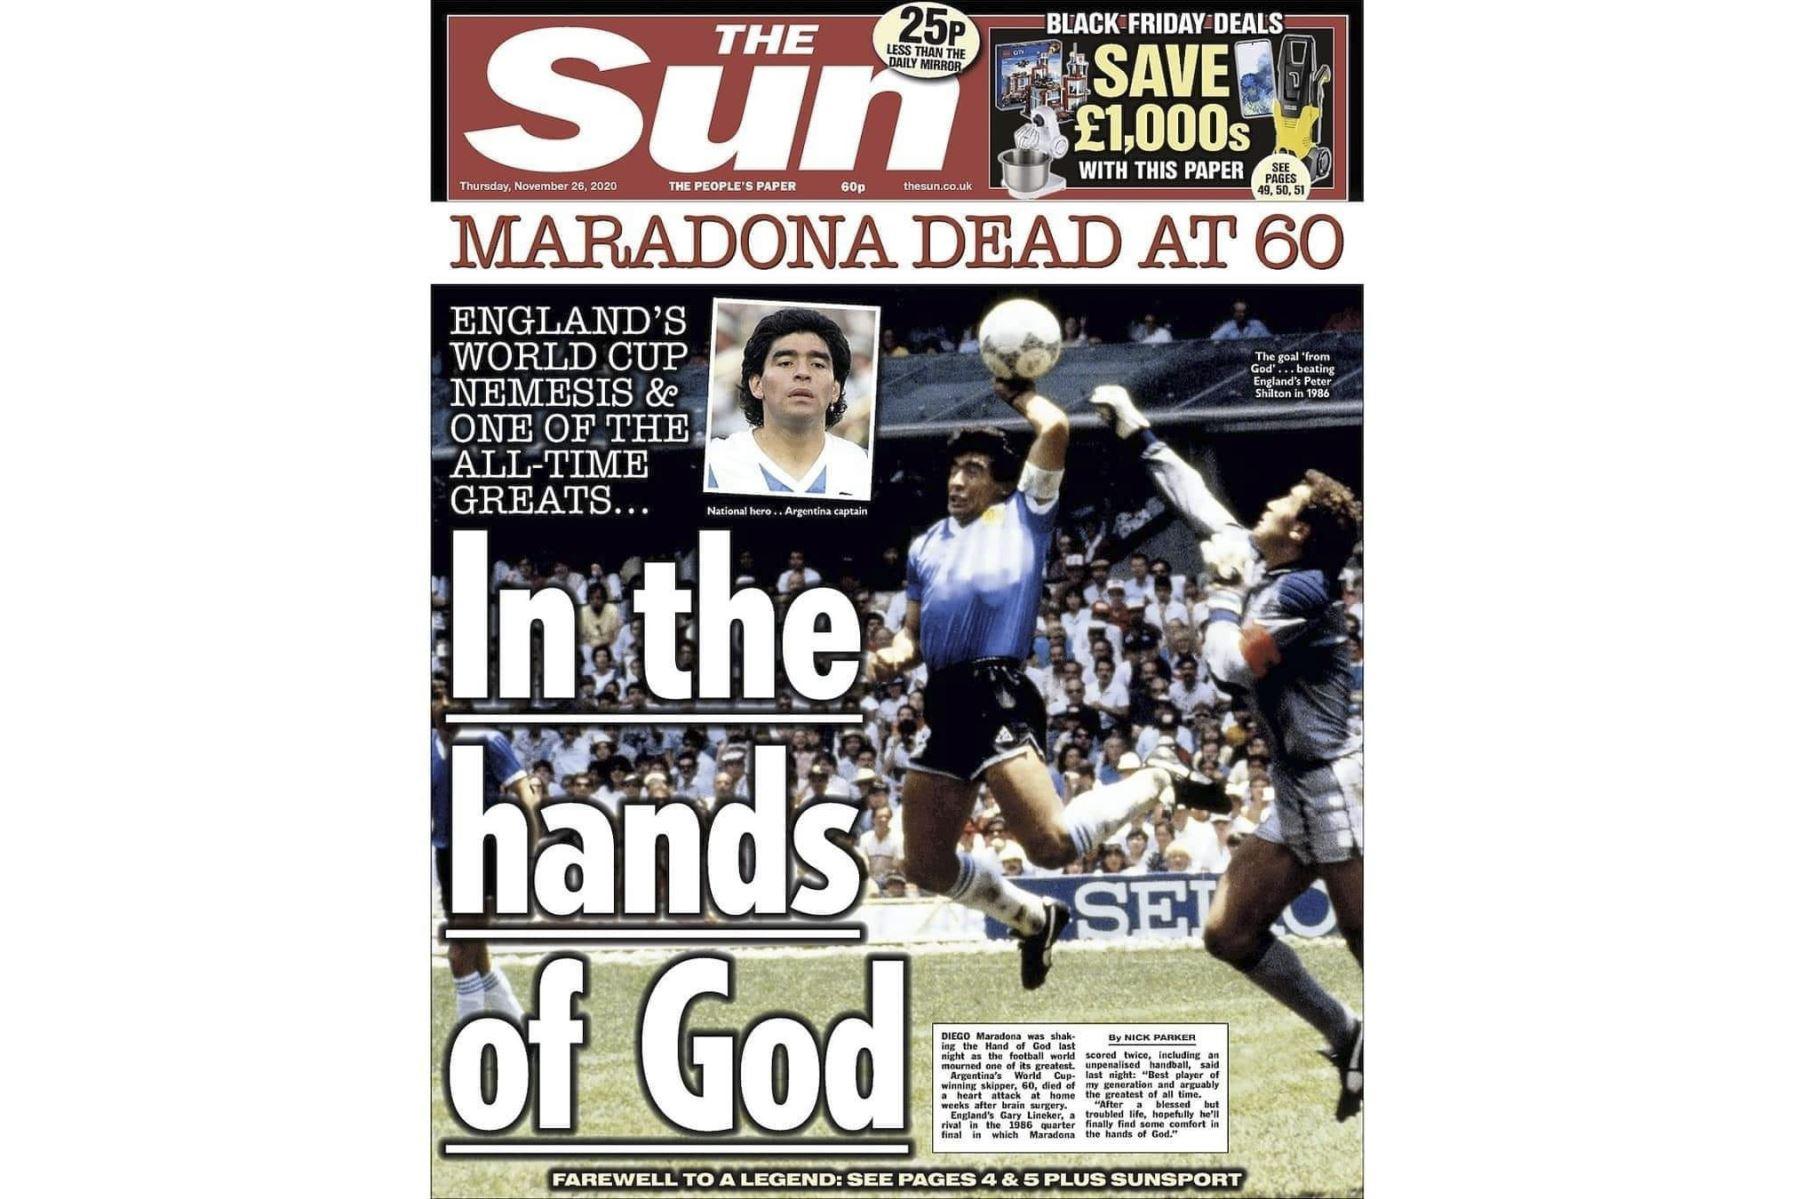 Así informa la prensa mundial la muerte de Diego Armando Maradona. The Sun de Reino unido.